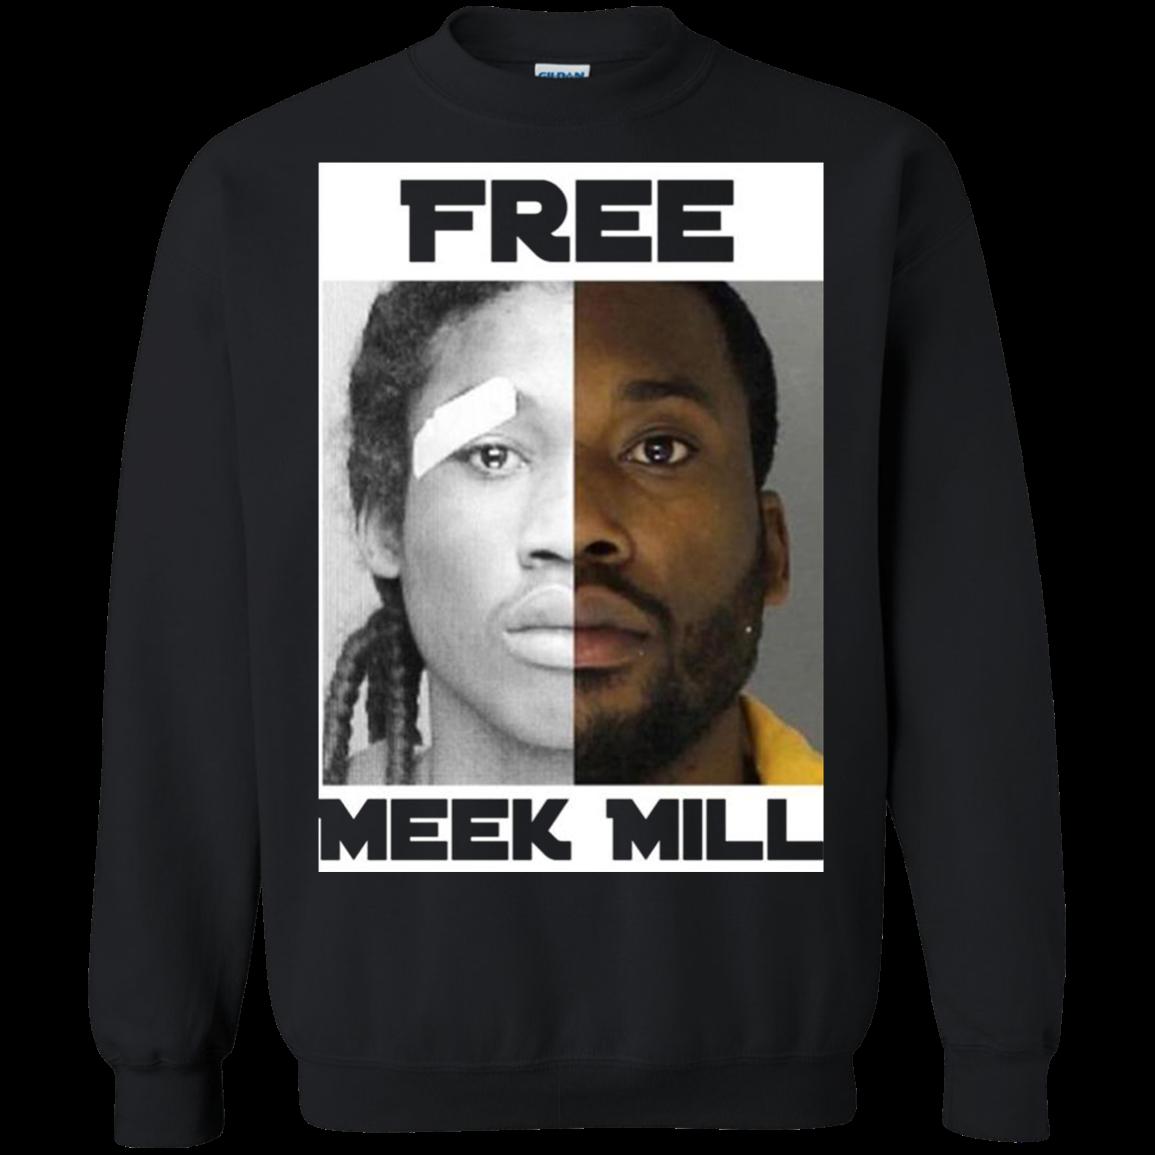 Free Meek Mill Shirt